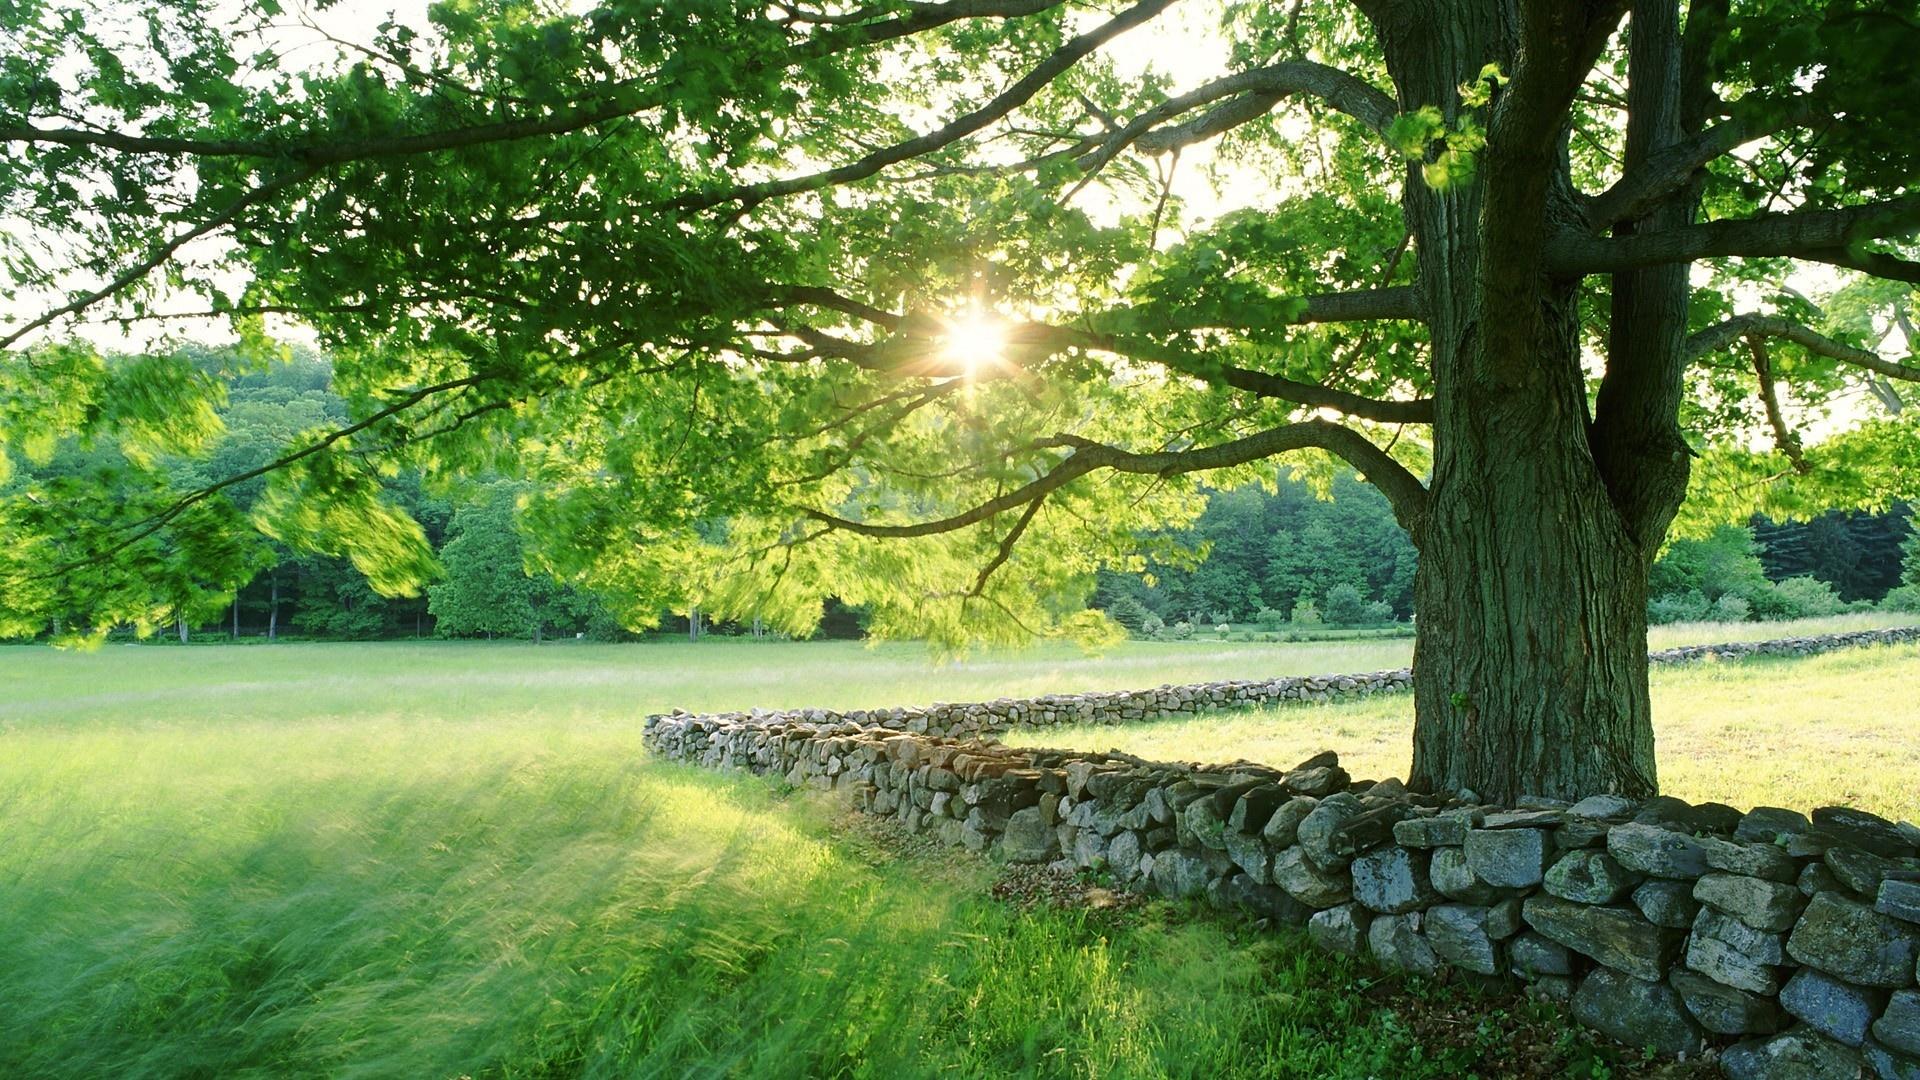 Summer sun over the beautiful green garden